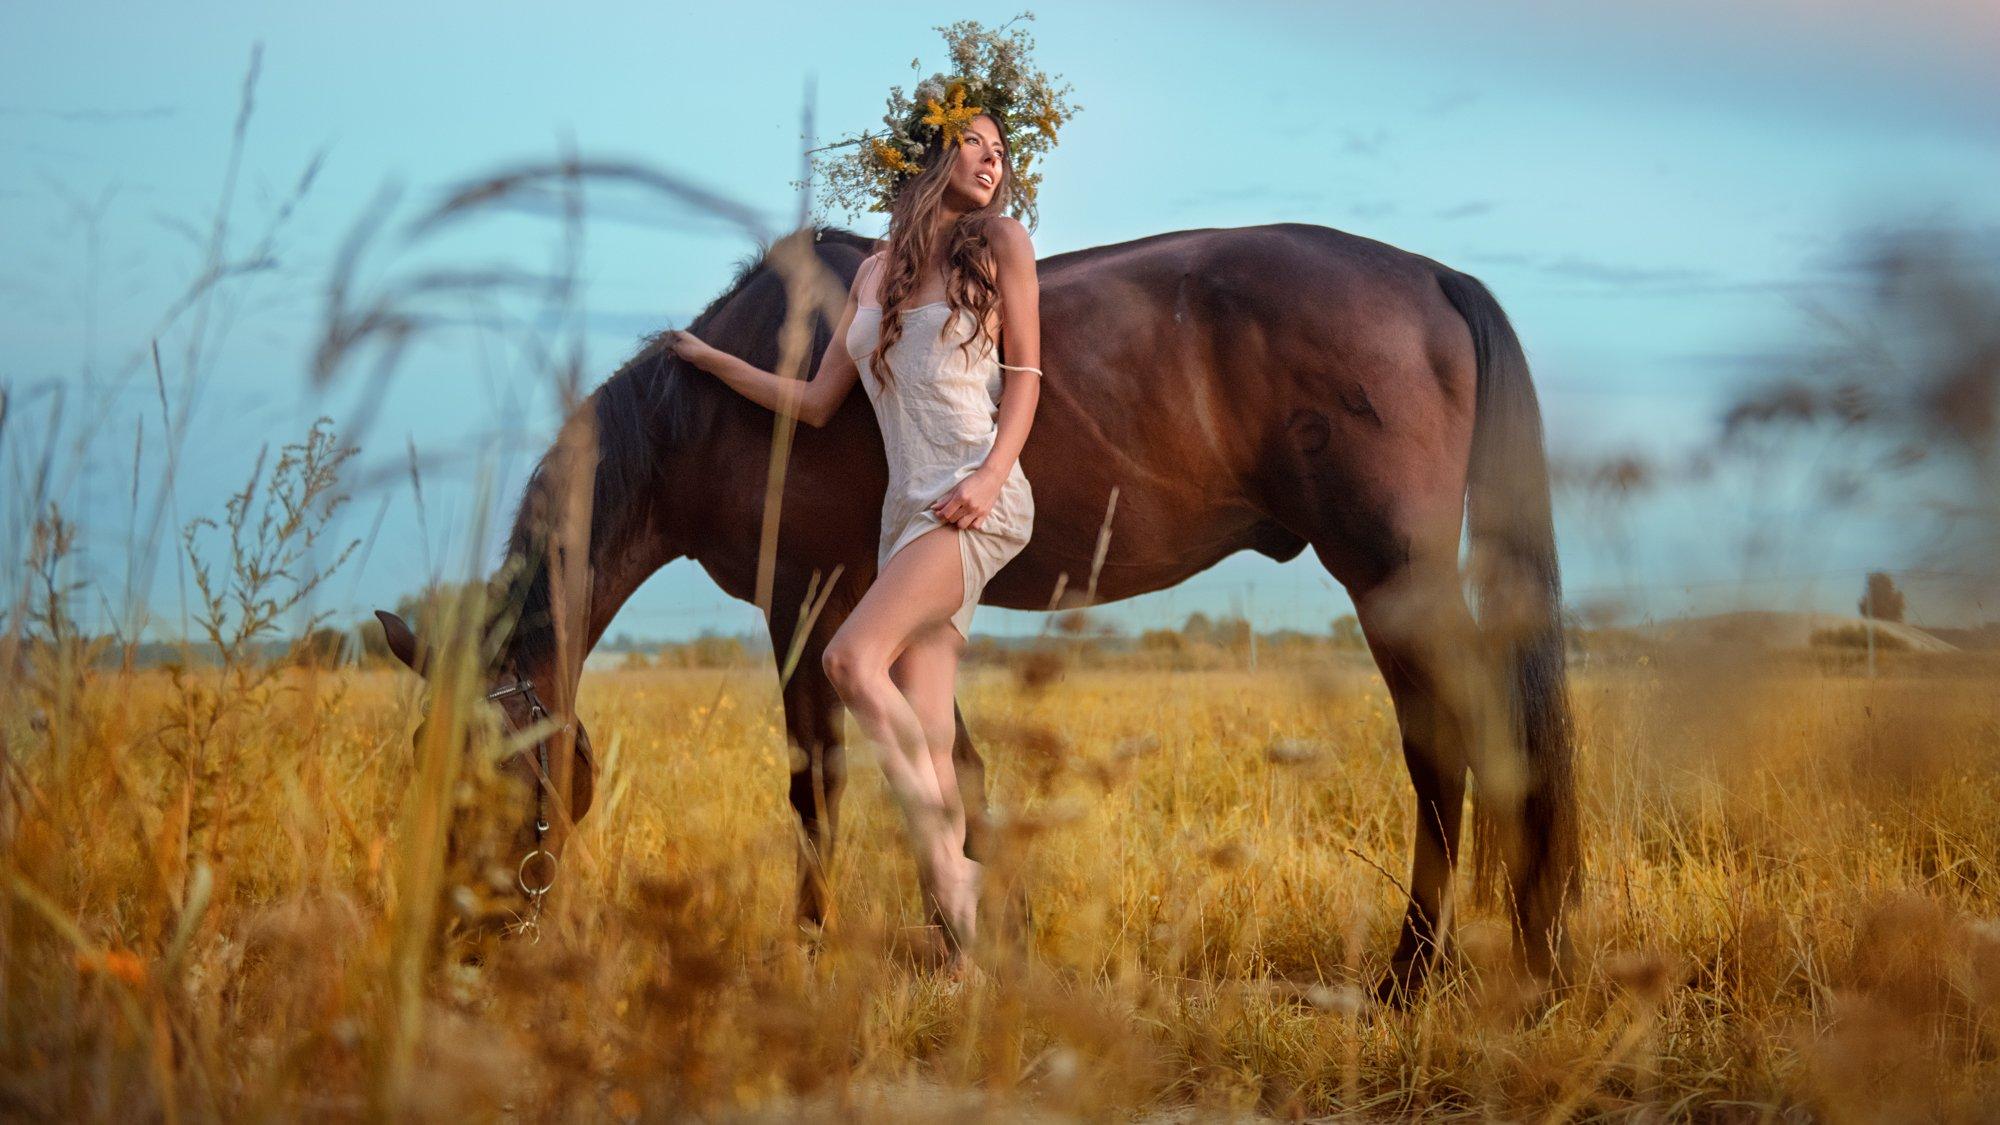 портрет девушка природа, Новожилов Сергей